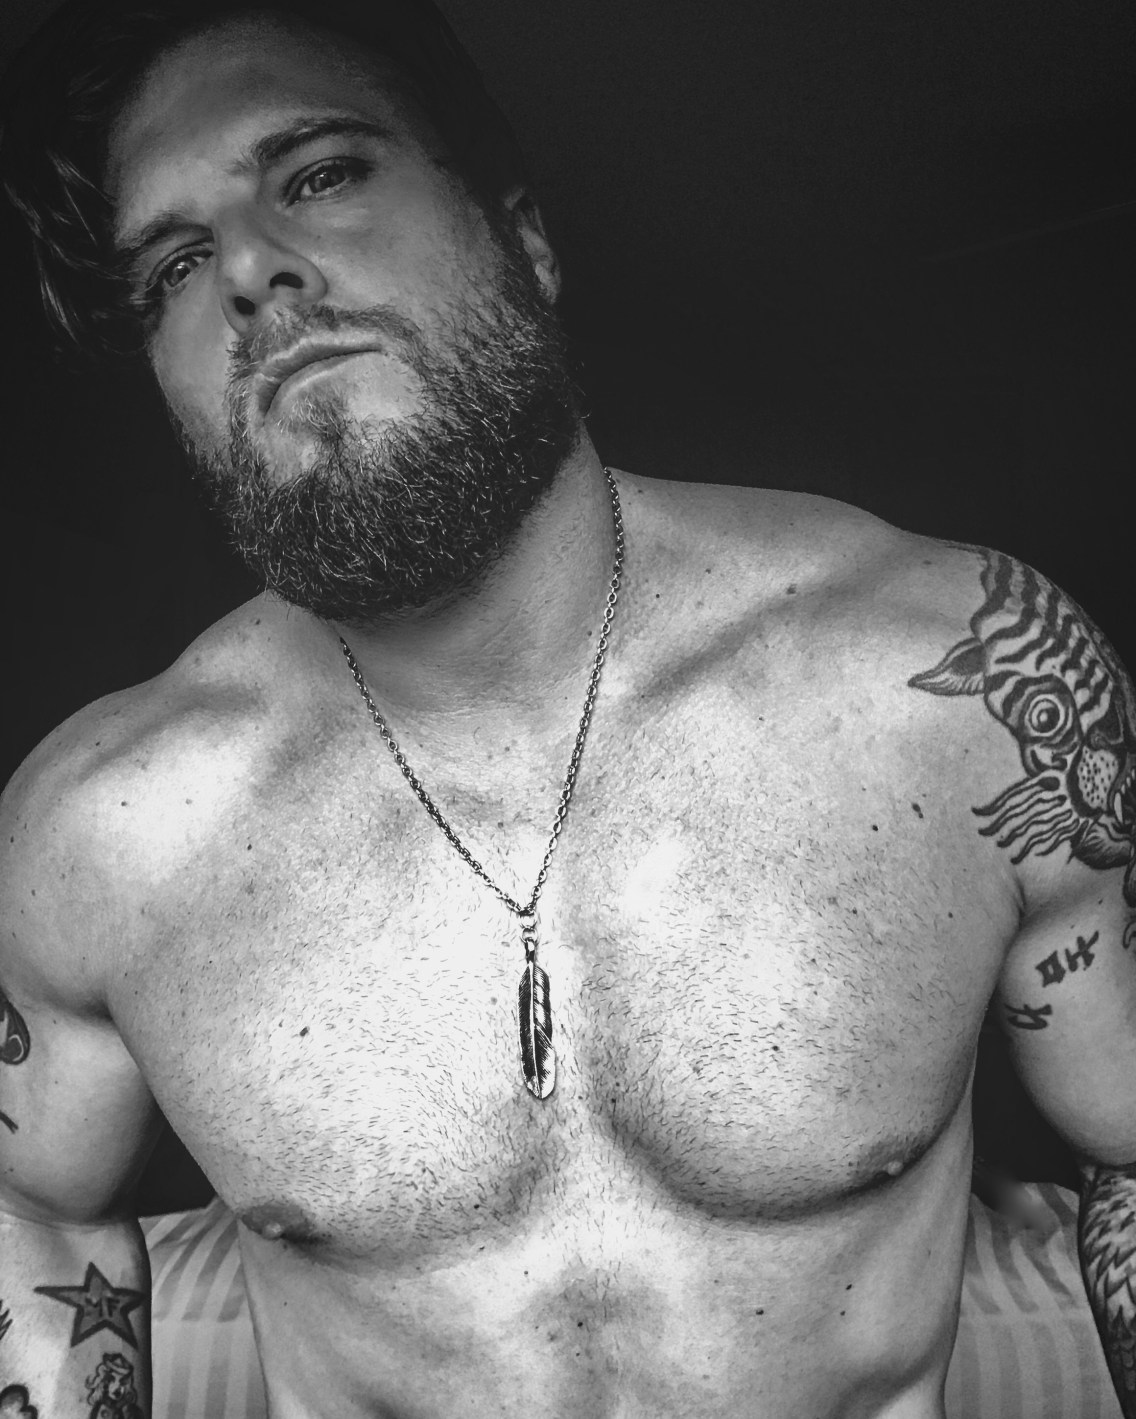 Matt Farnsworth